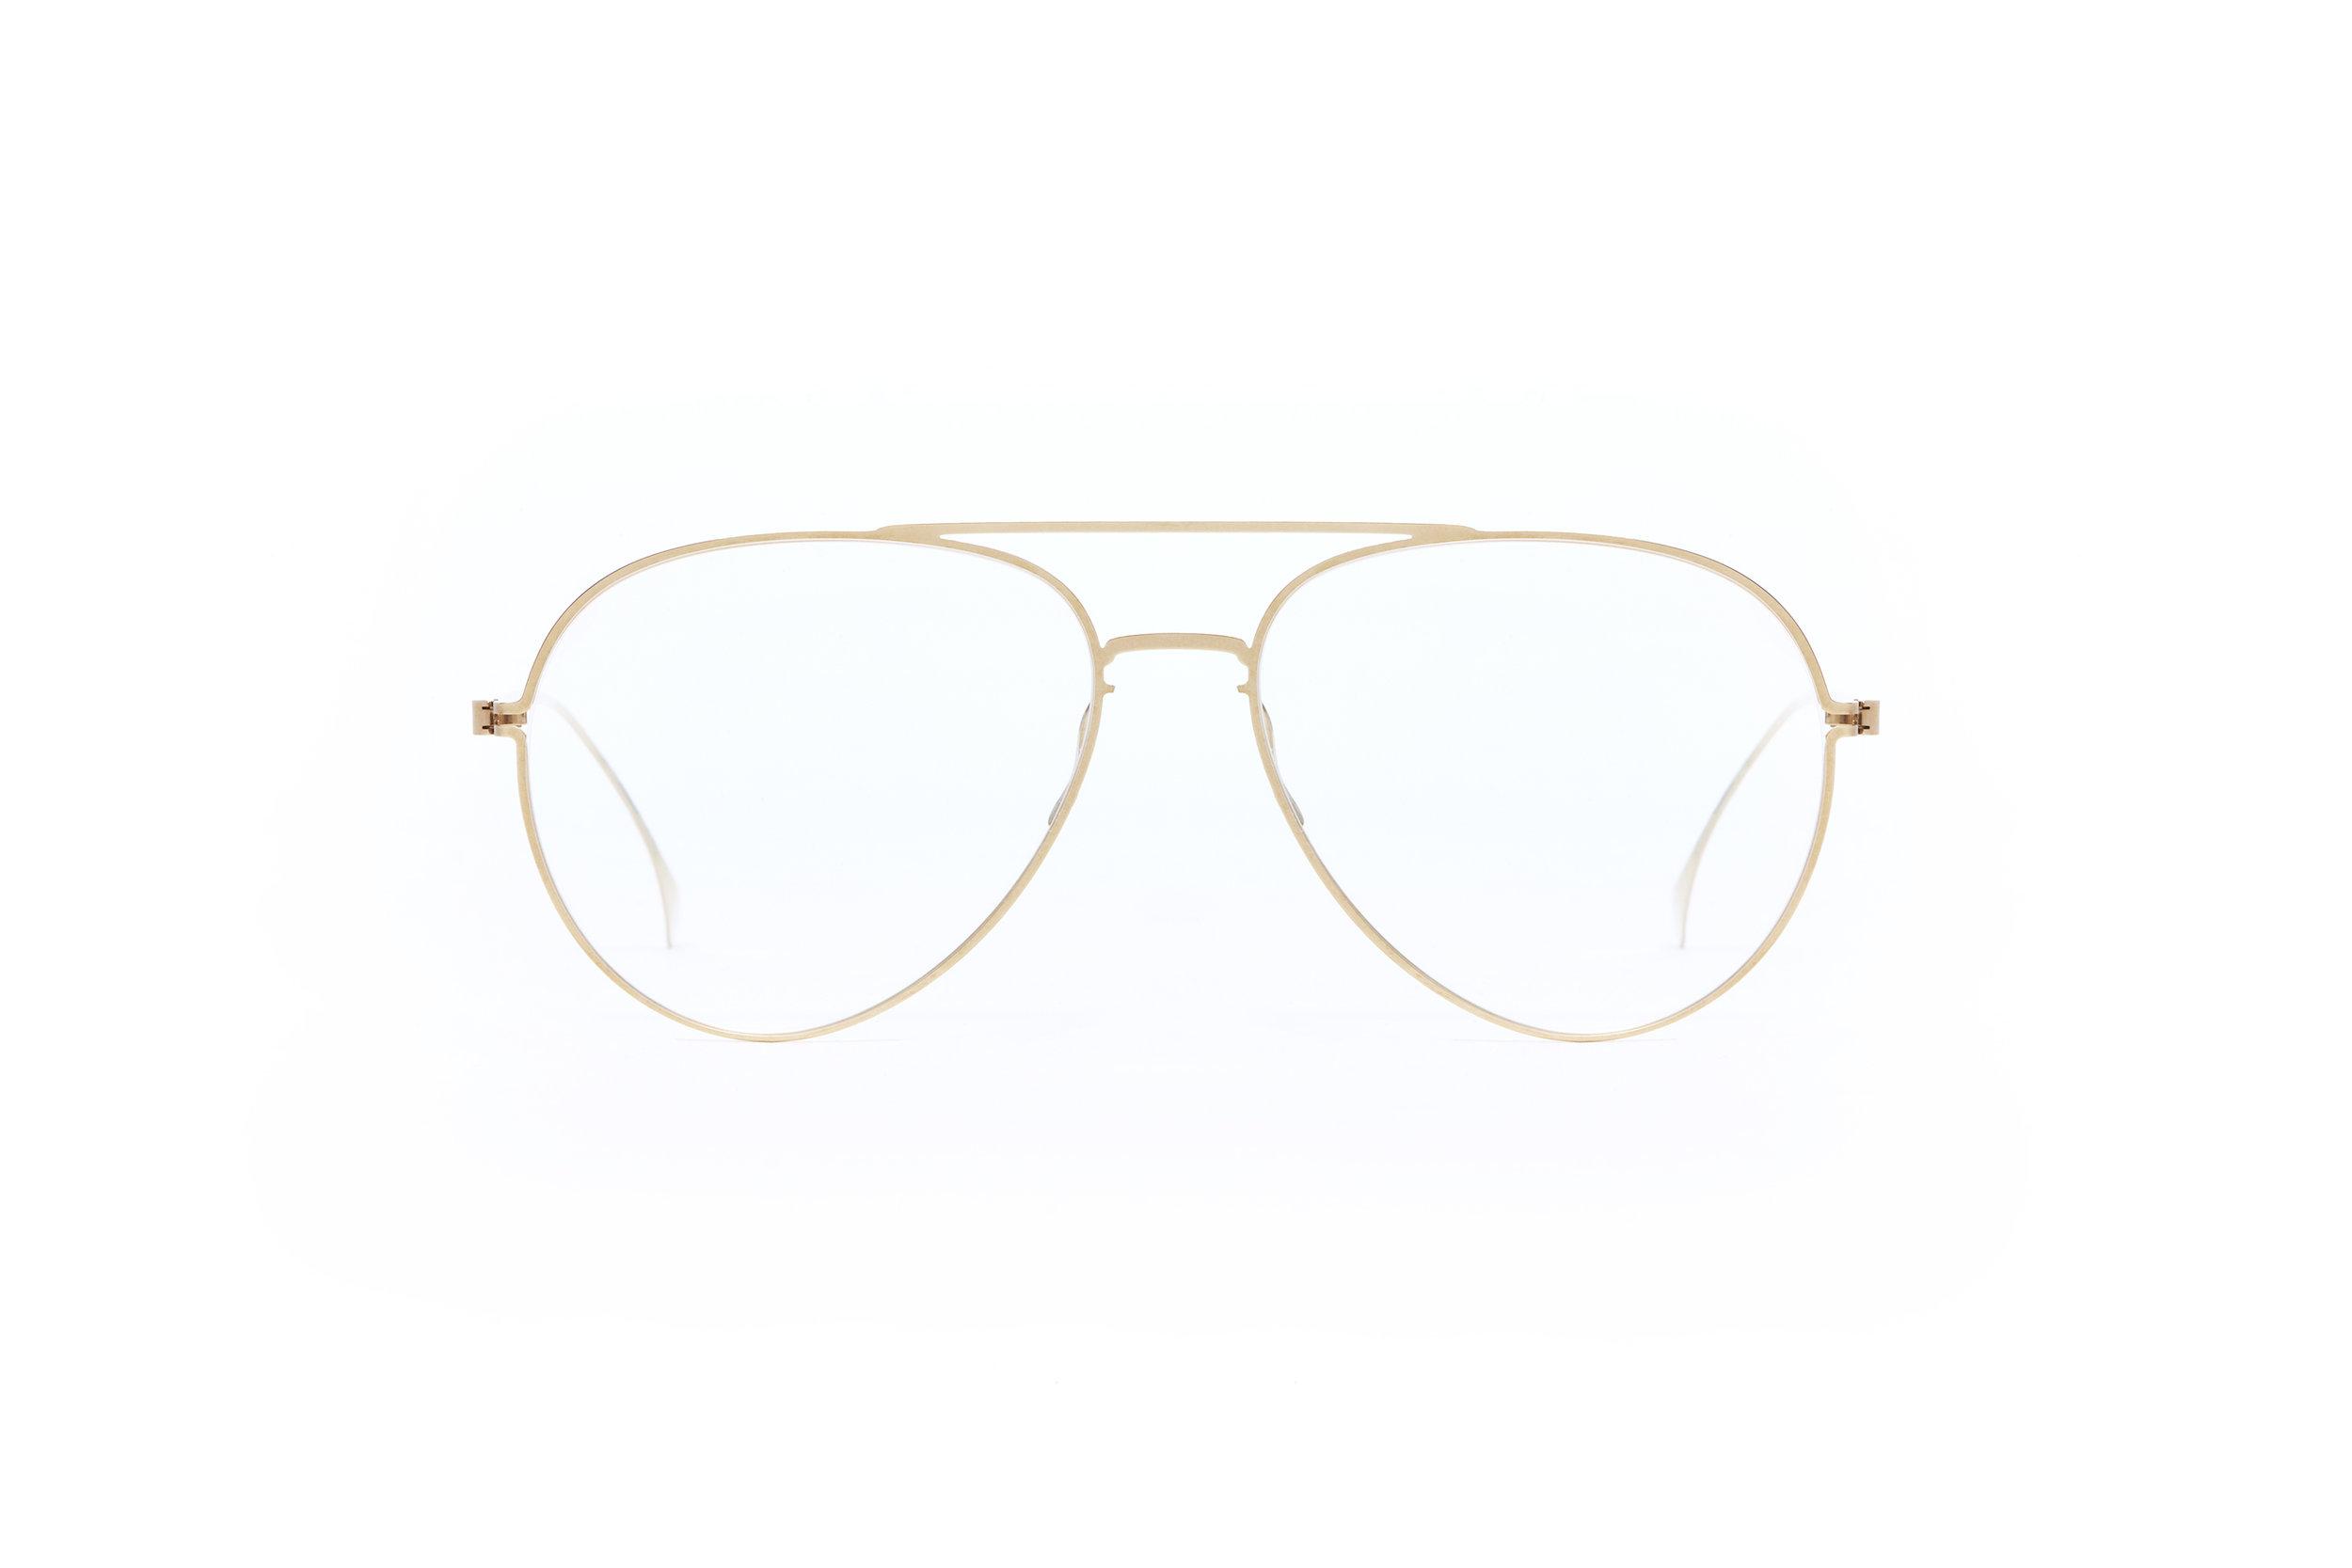 haffmans_neumeister_osprey_gold_clear_line_eyeglasses_front_102427.jpg